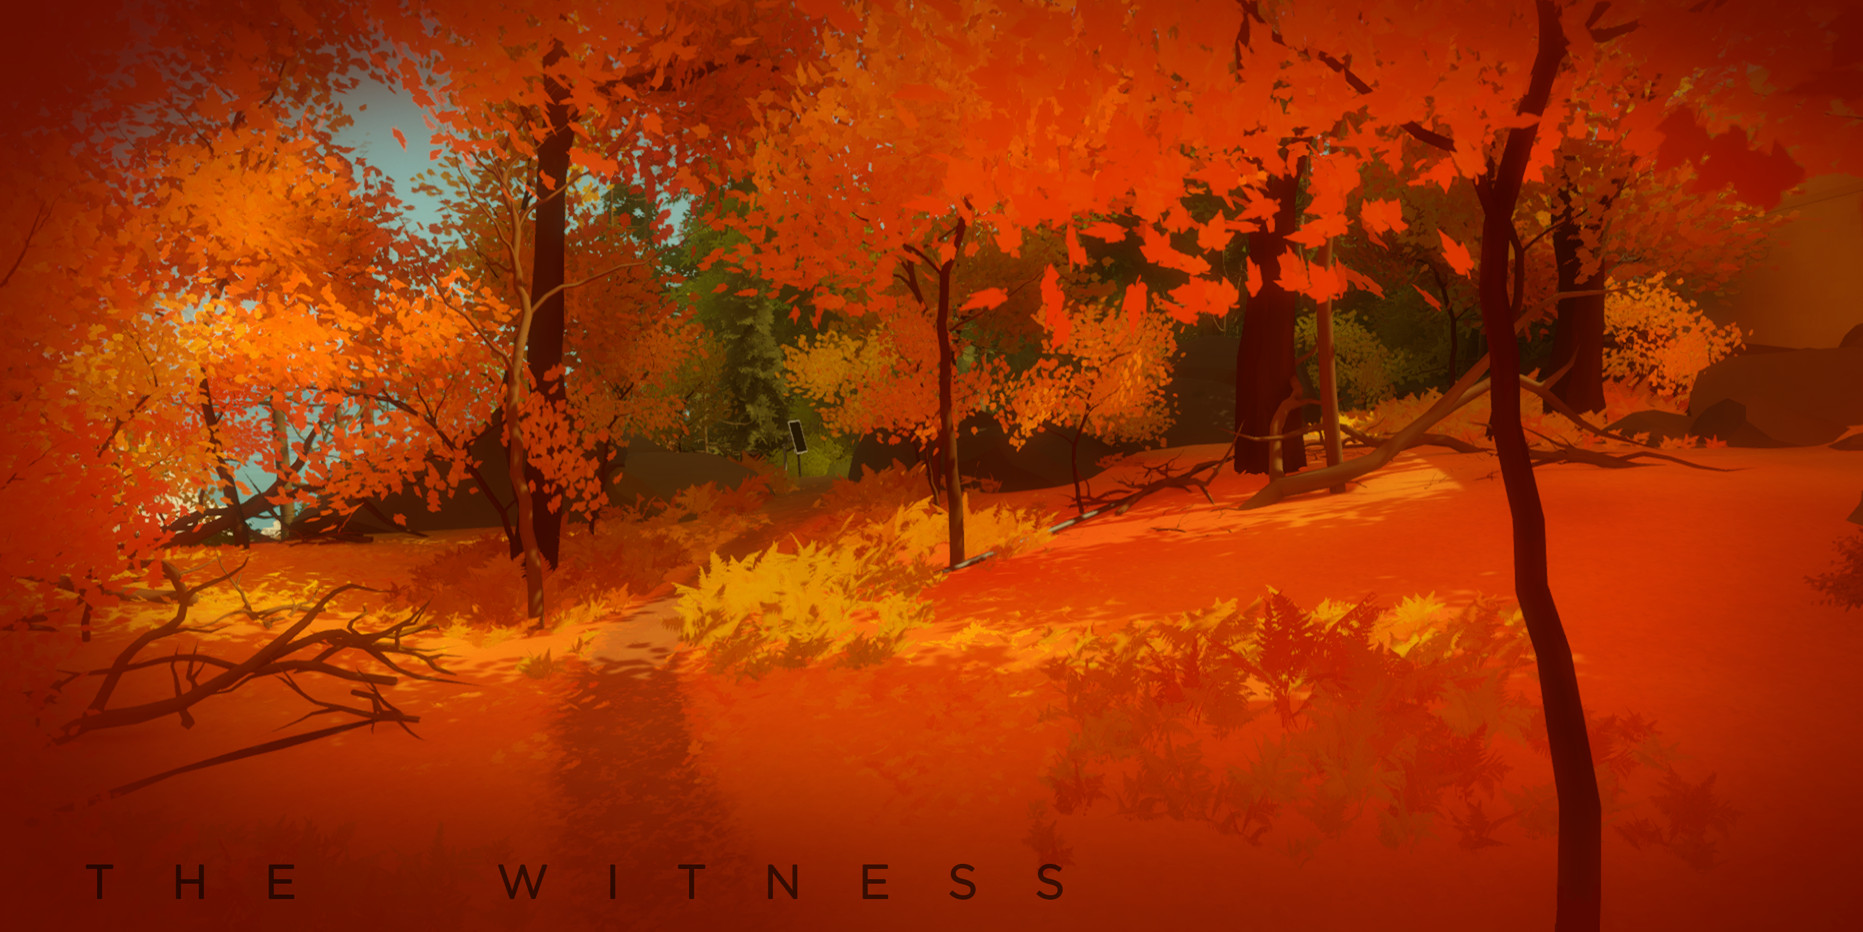 thewitnes goty